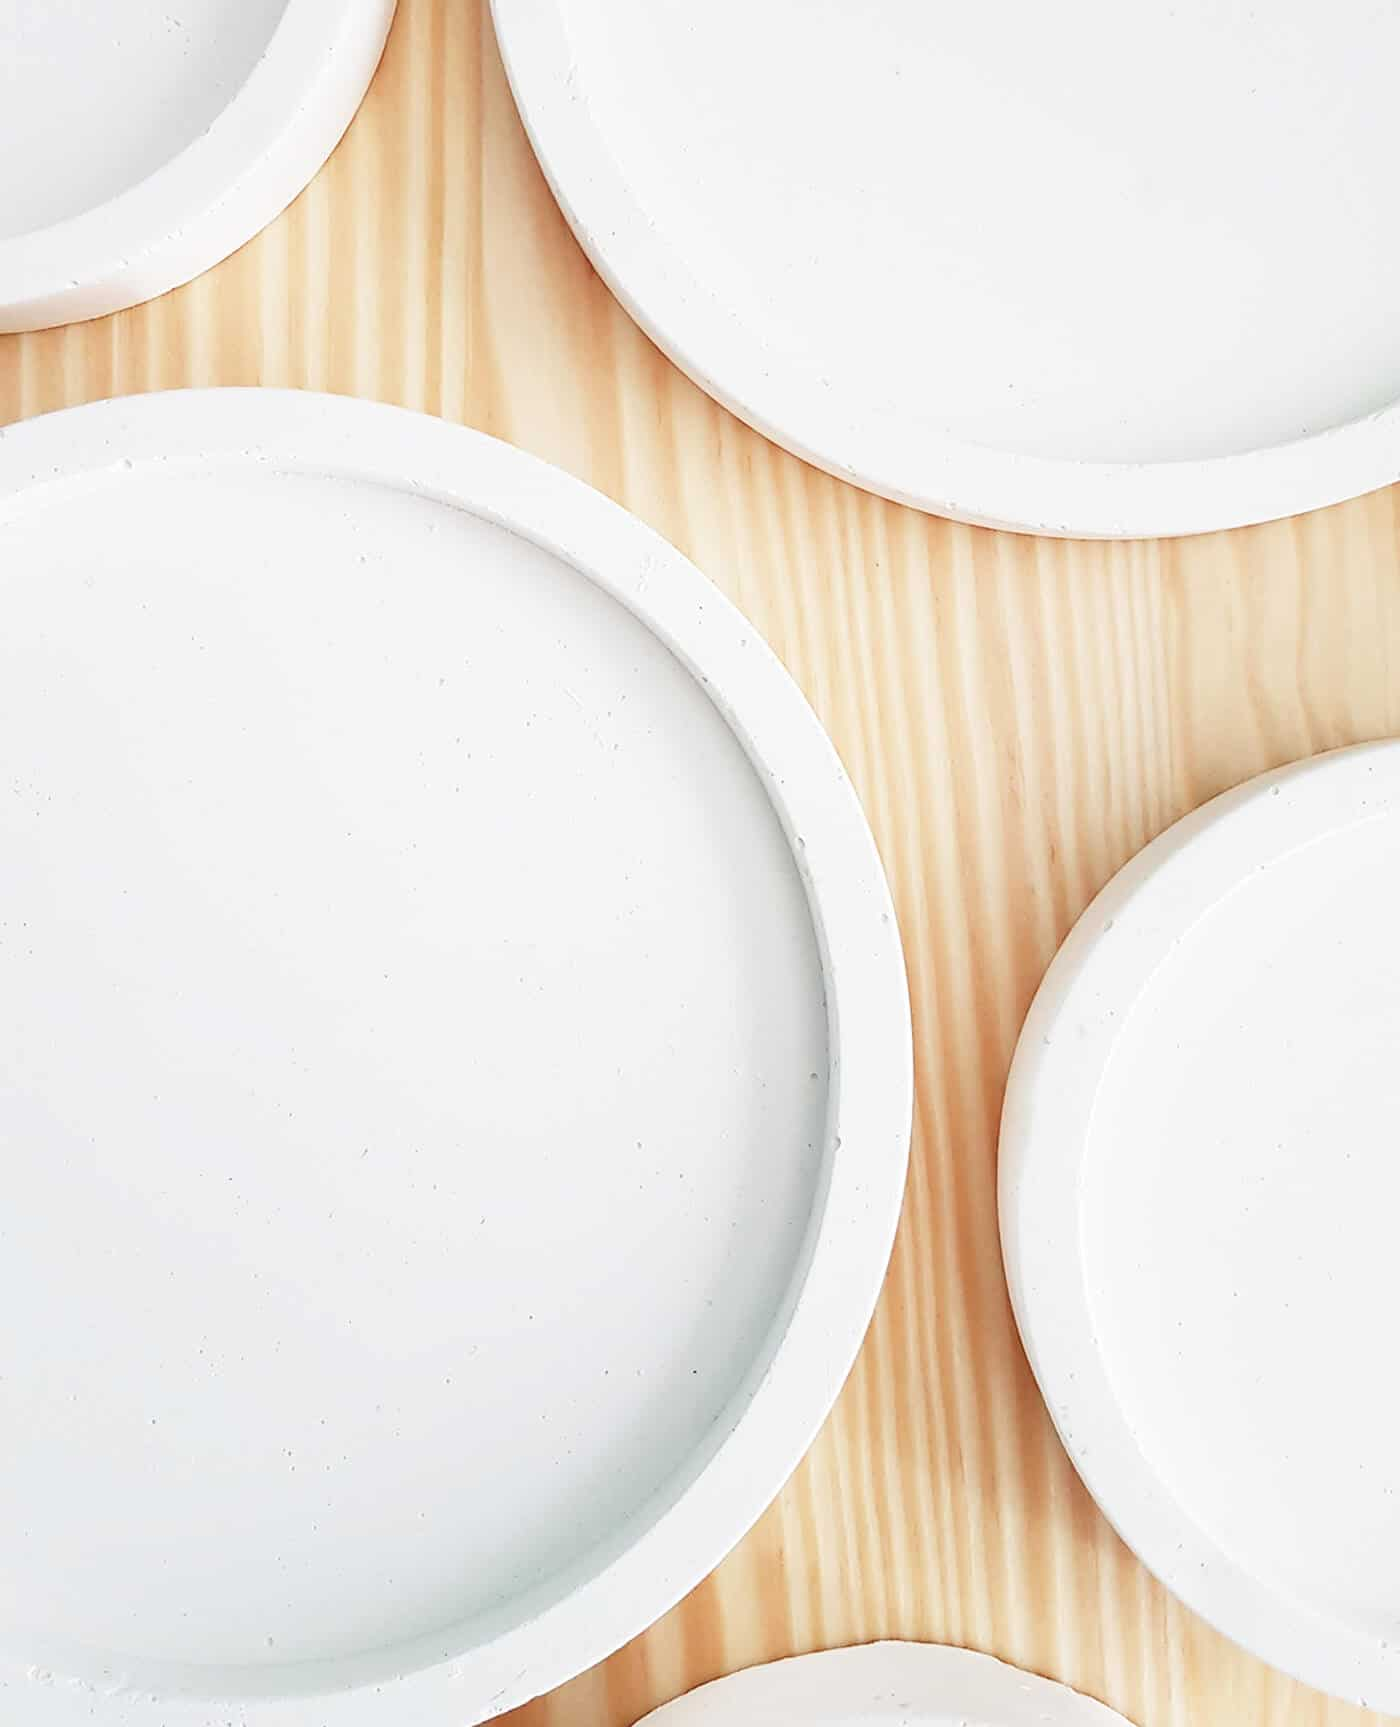 Socle support naturel blanc pour bougies fleuries de la marque Ponoie Made in France